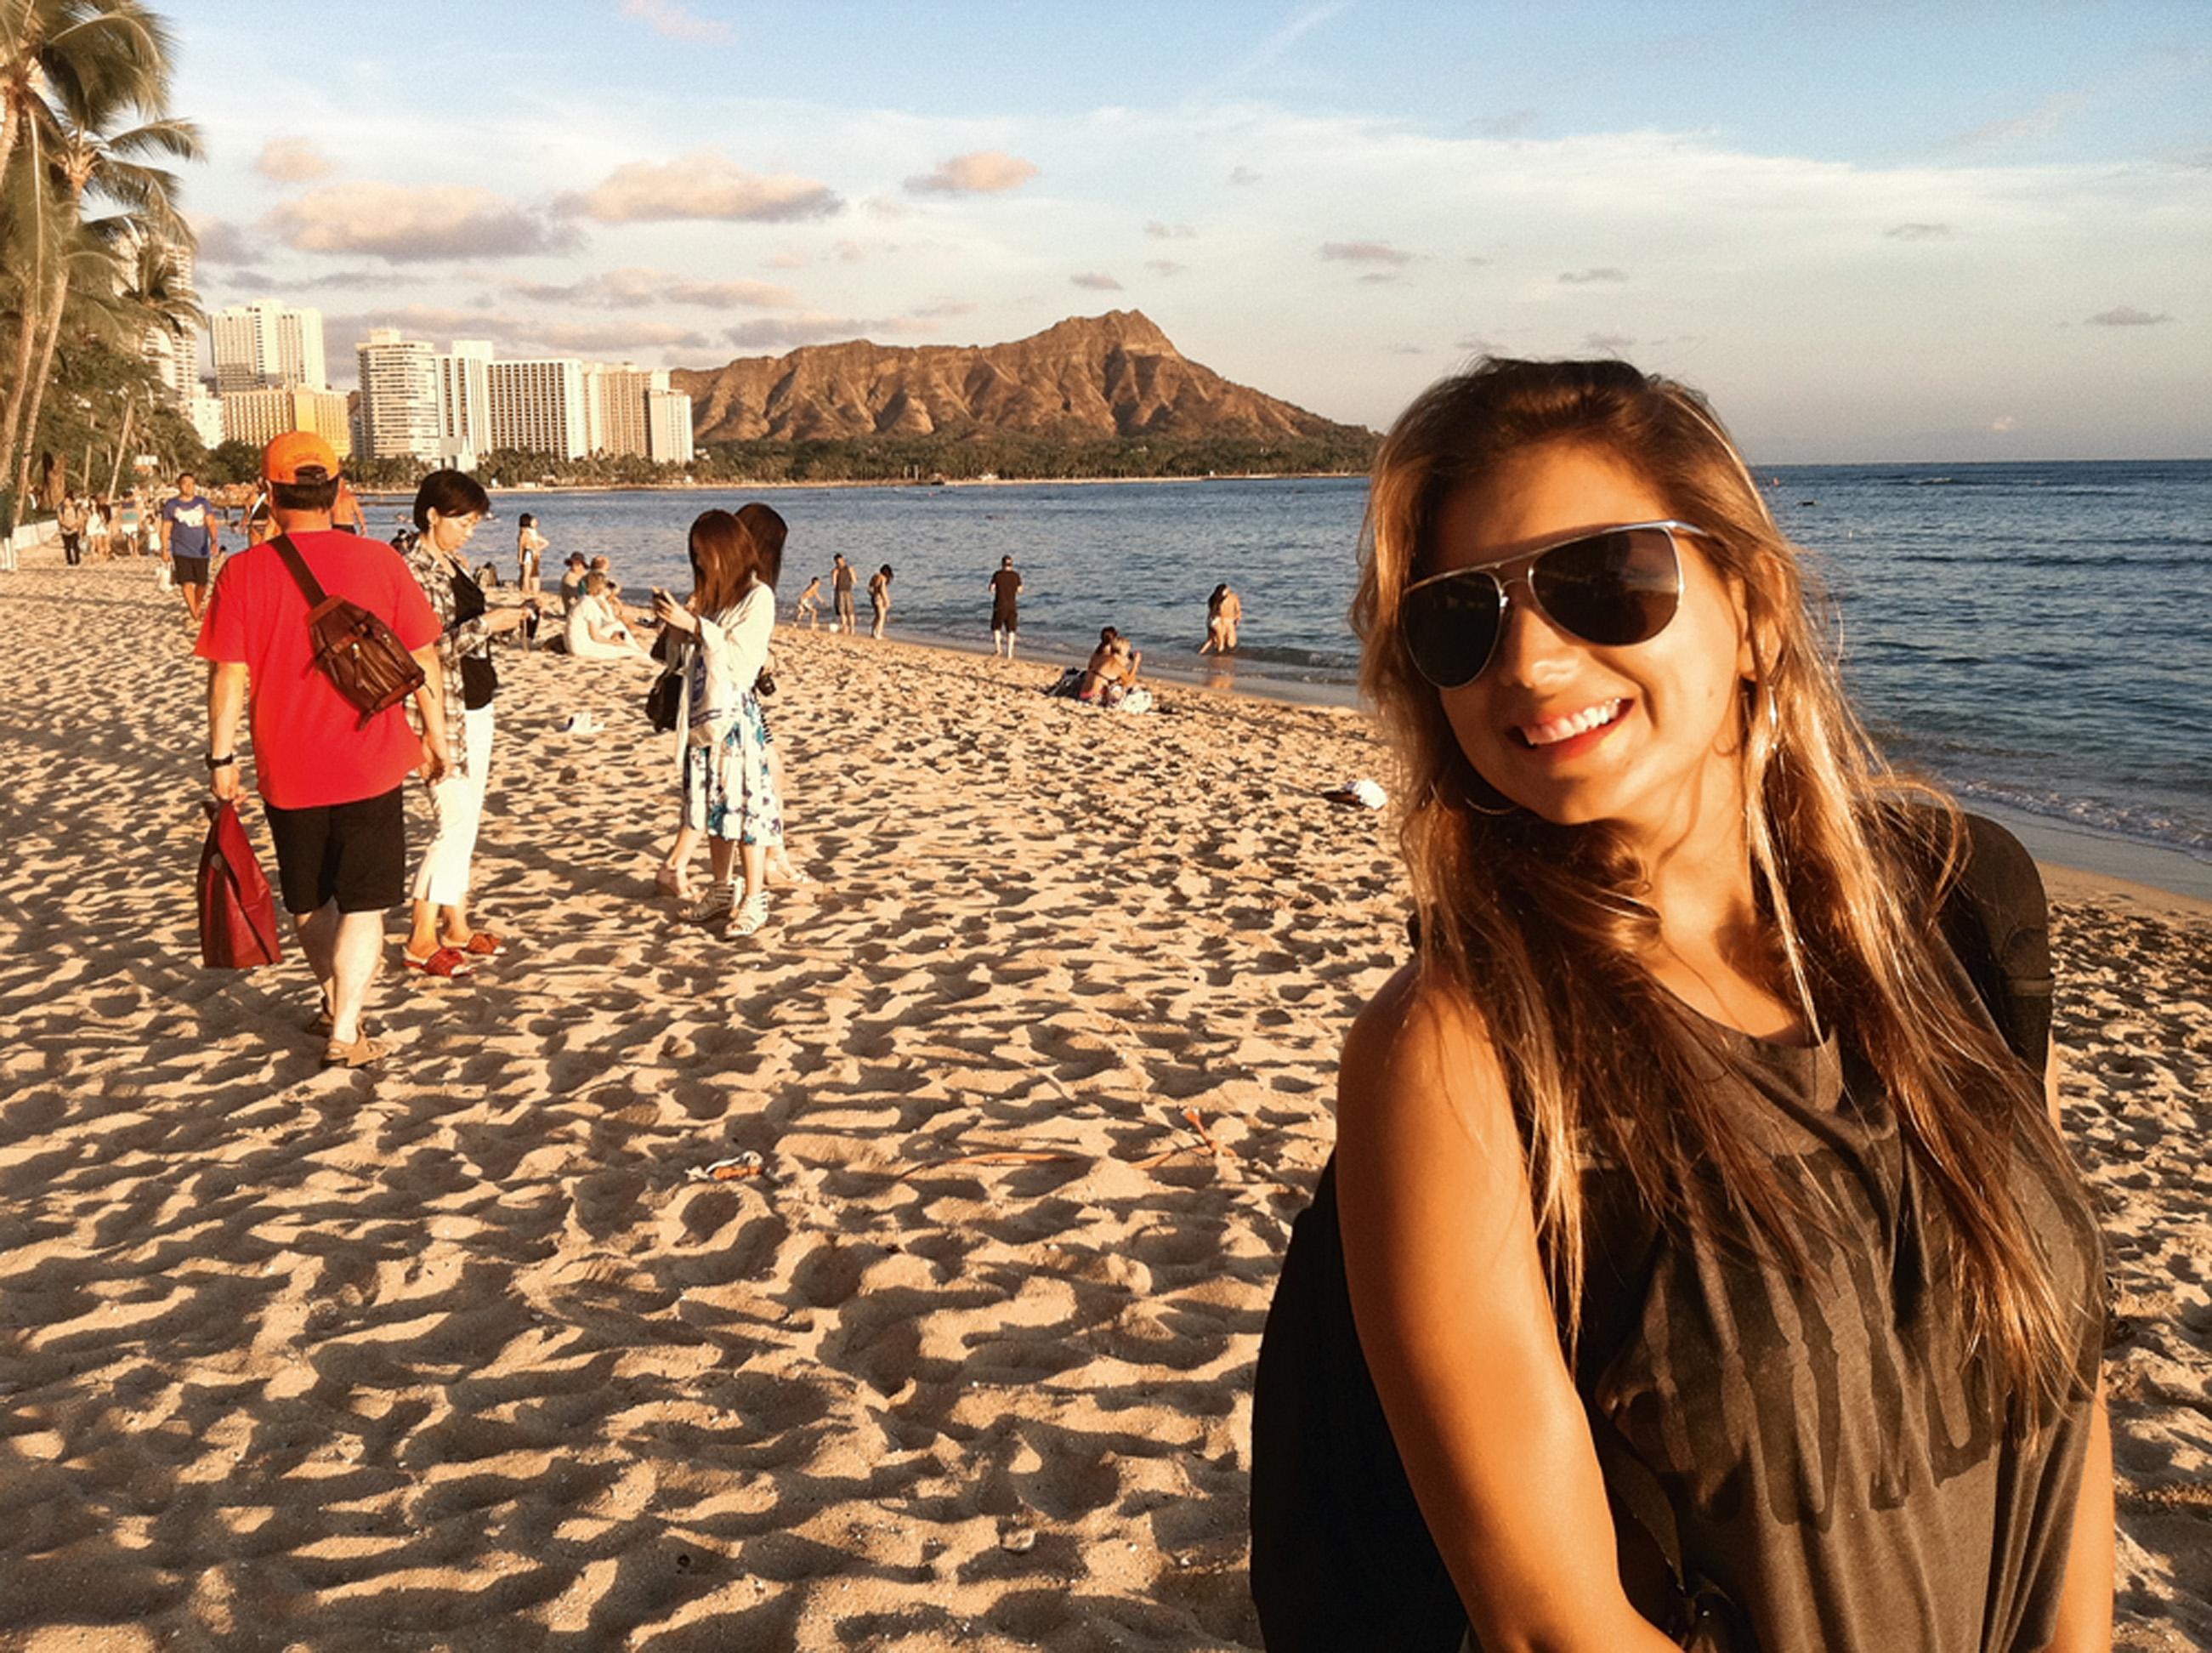 Waikiki, Honolulu, Havaí - Para aprender a surfar. É o melhor lugar do mundo para aprender, com ondas longas e pequenas [repare no mar calmo atrás de Maya, na foto]. Você pode alugar uma prancha na beira da praia e ainda contratar uma aula. É muito divertido